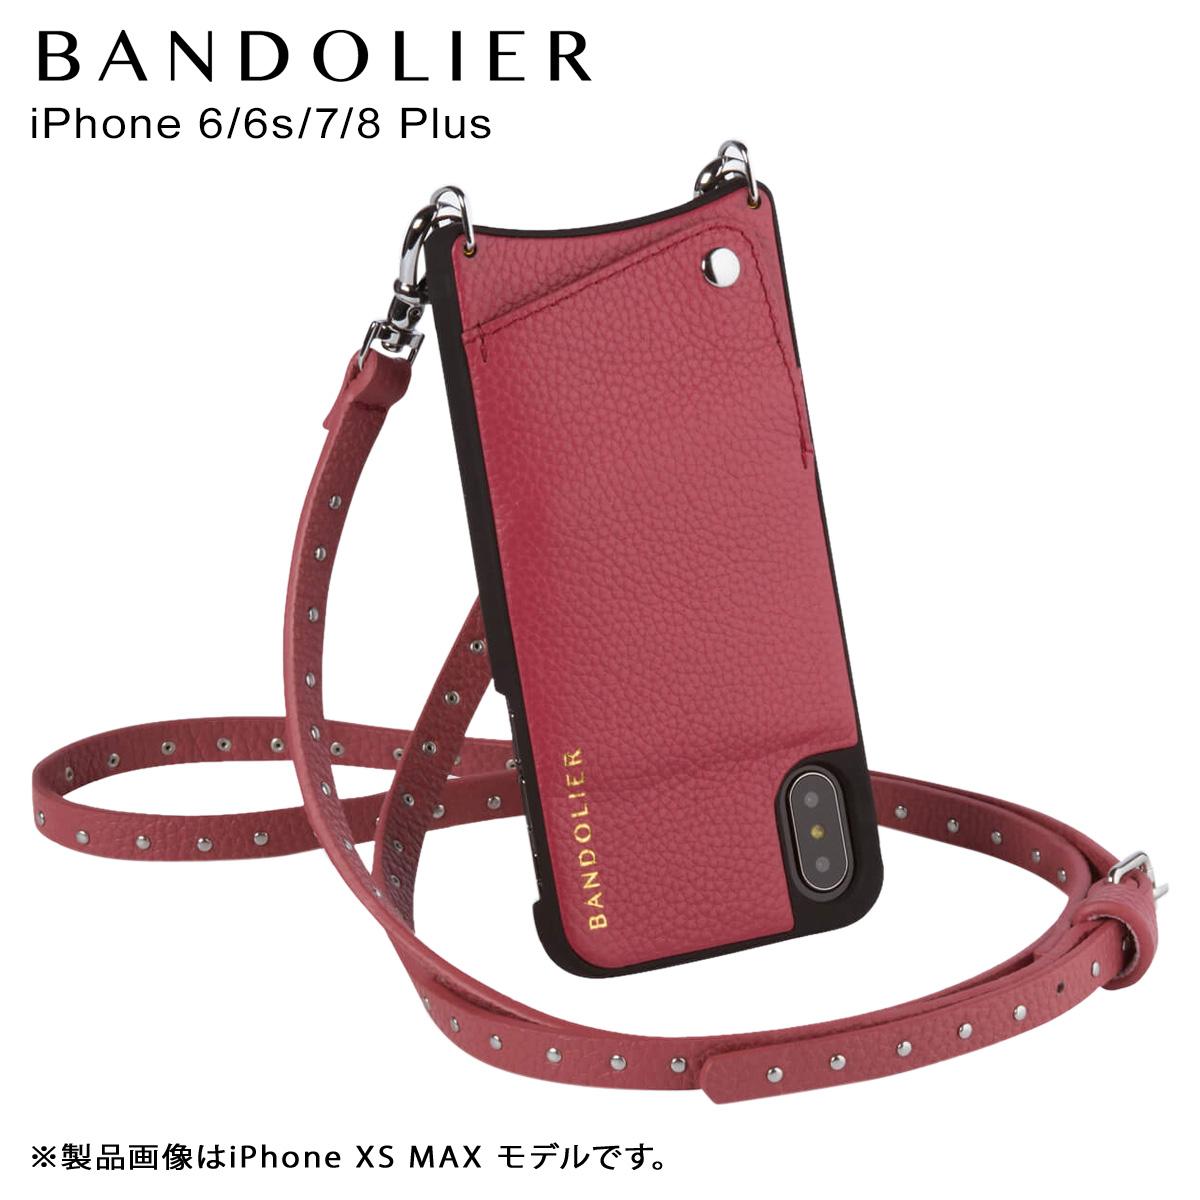 【最大2000円OFFクーポン】 BANDOLIER バンドリヤー iPhone8Plus iPhone7Plus 6sPlus ケース ショルダー スマホ アイフォン レザー NICOLE MAGENTA RED メンズ レディース マゼンタ レッド 10NIC1001 [2/1 新入荷]